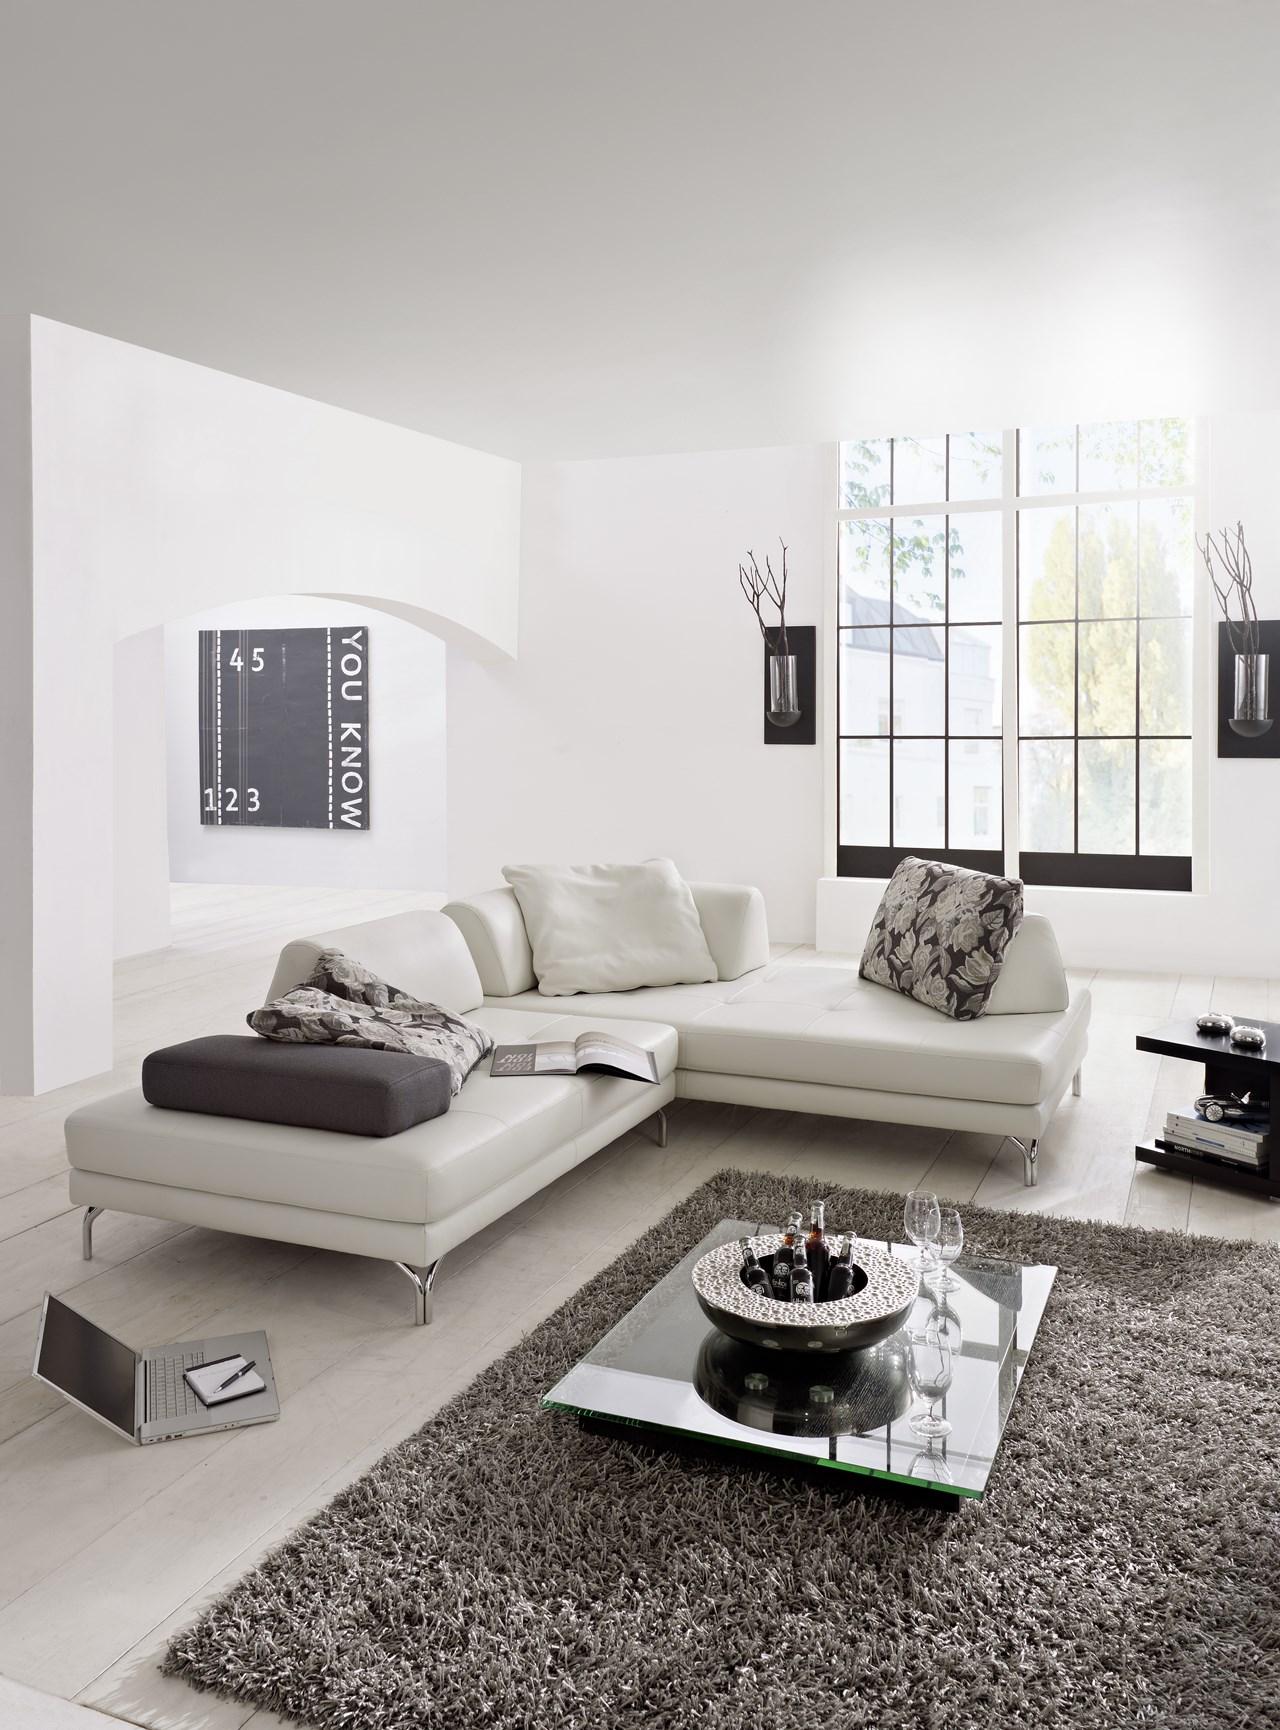 le canape d angle symbole de classe et d elegance blog de seanroyale. Black Bedroom Furniture Sets. Home Design Ideas